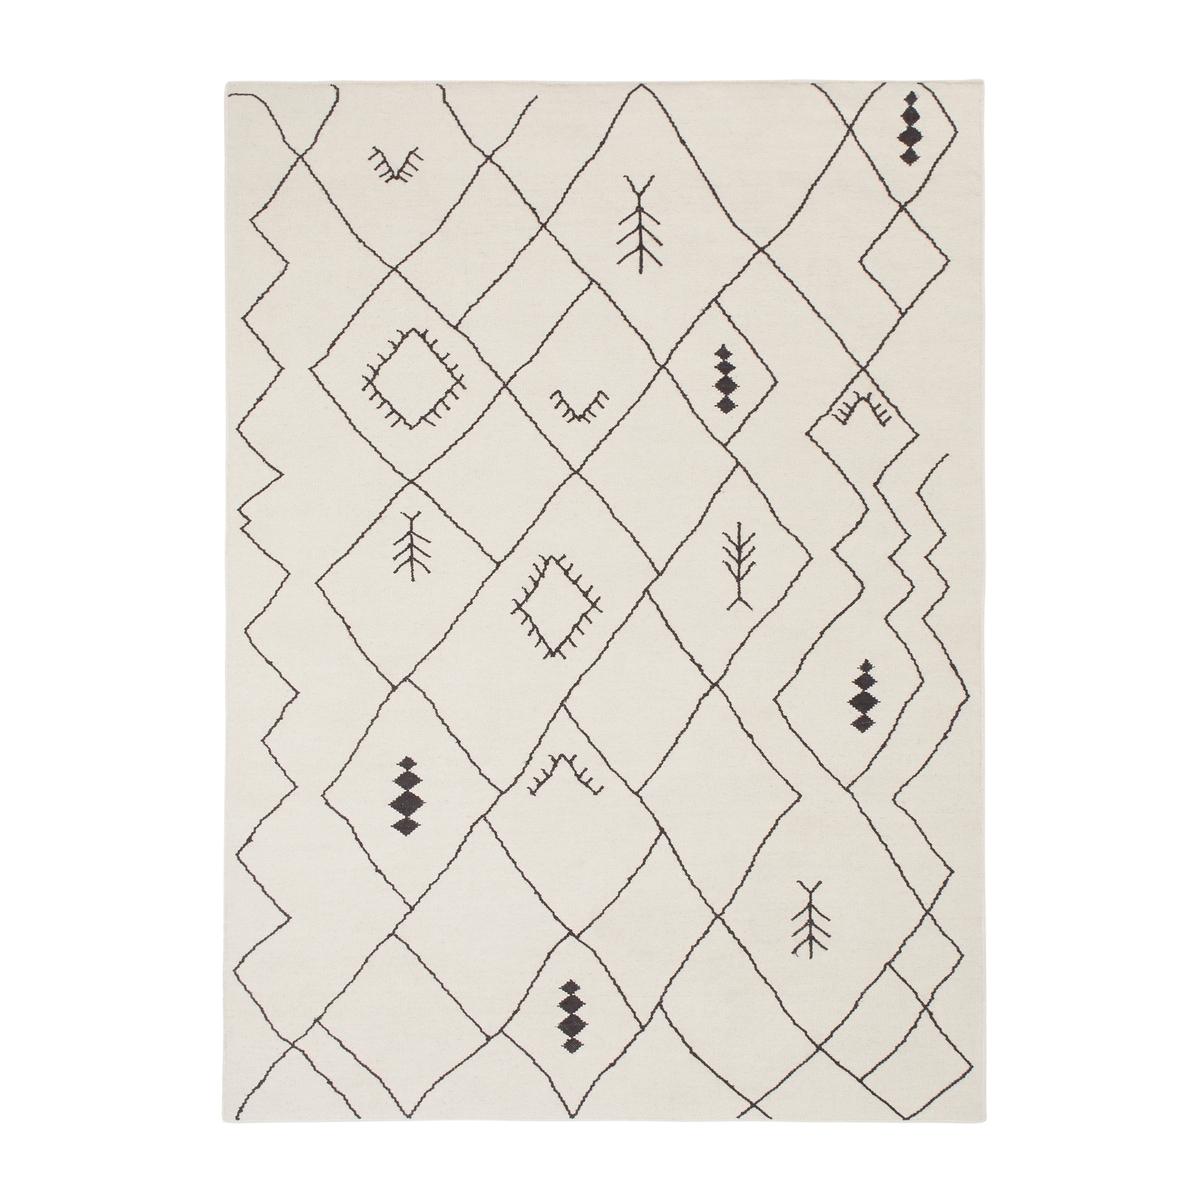 цена Ковер La Redoute Тканый ручной работы BARKHAM 120 x 170 см черный онлайн в 2017 году